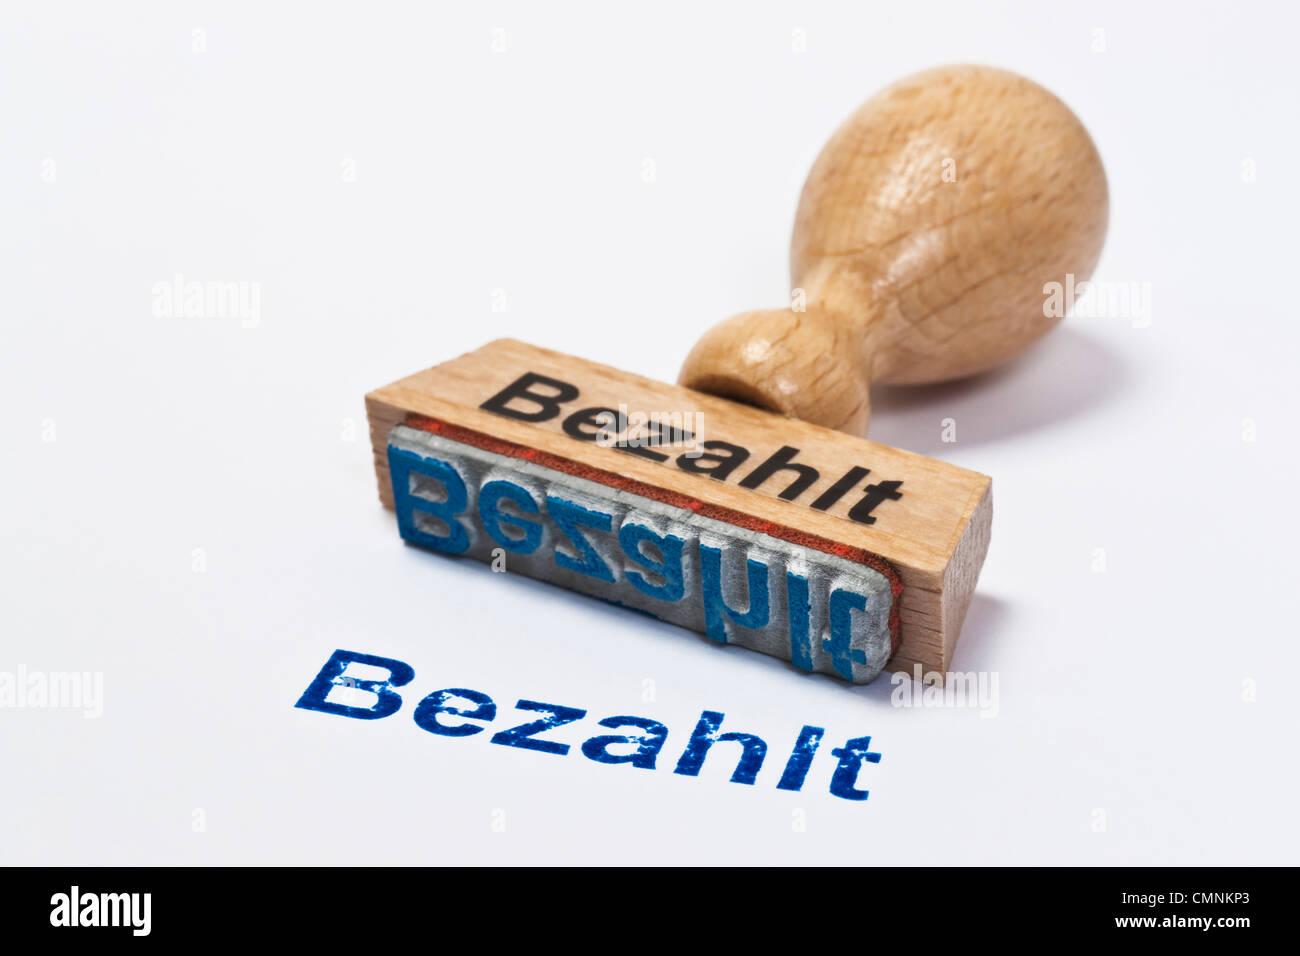 Detailansicht eines Stempels mit der Aufschrift Bezahlt   Detail photo of a stamp with inscription in German paid - Stock Image